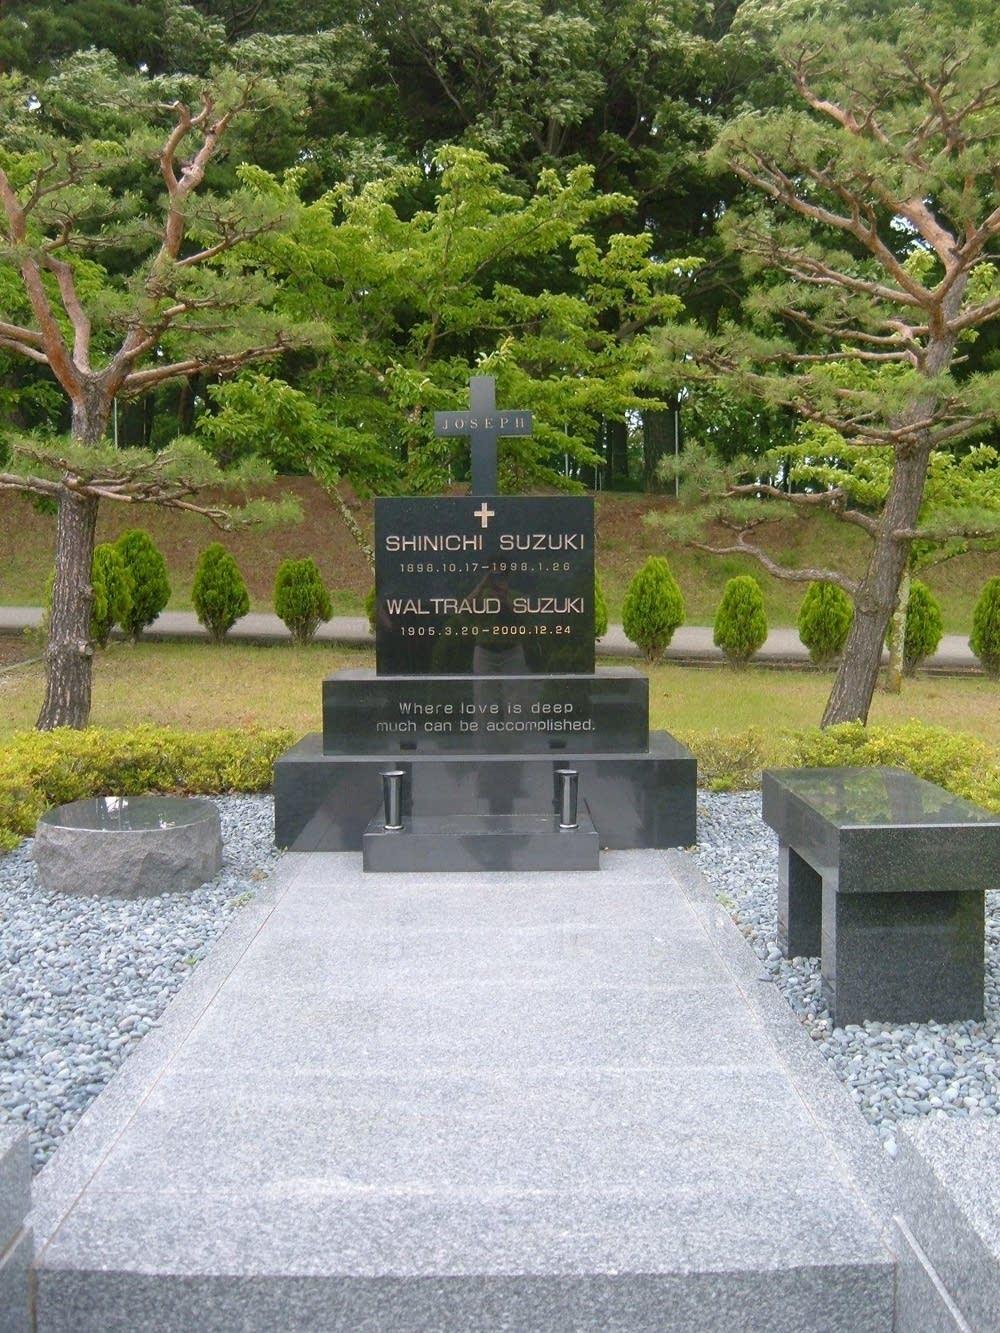 Suzuki's grave